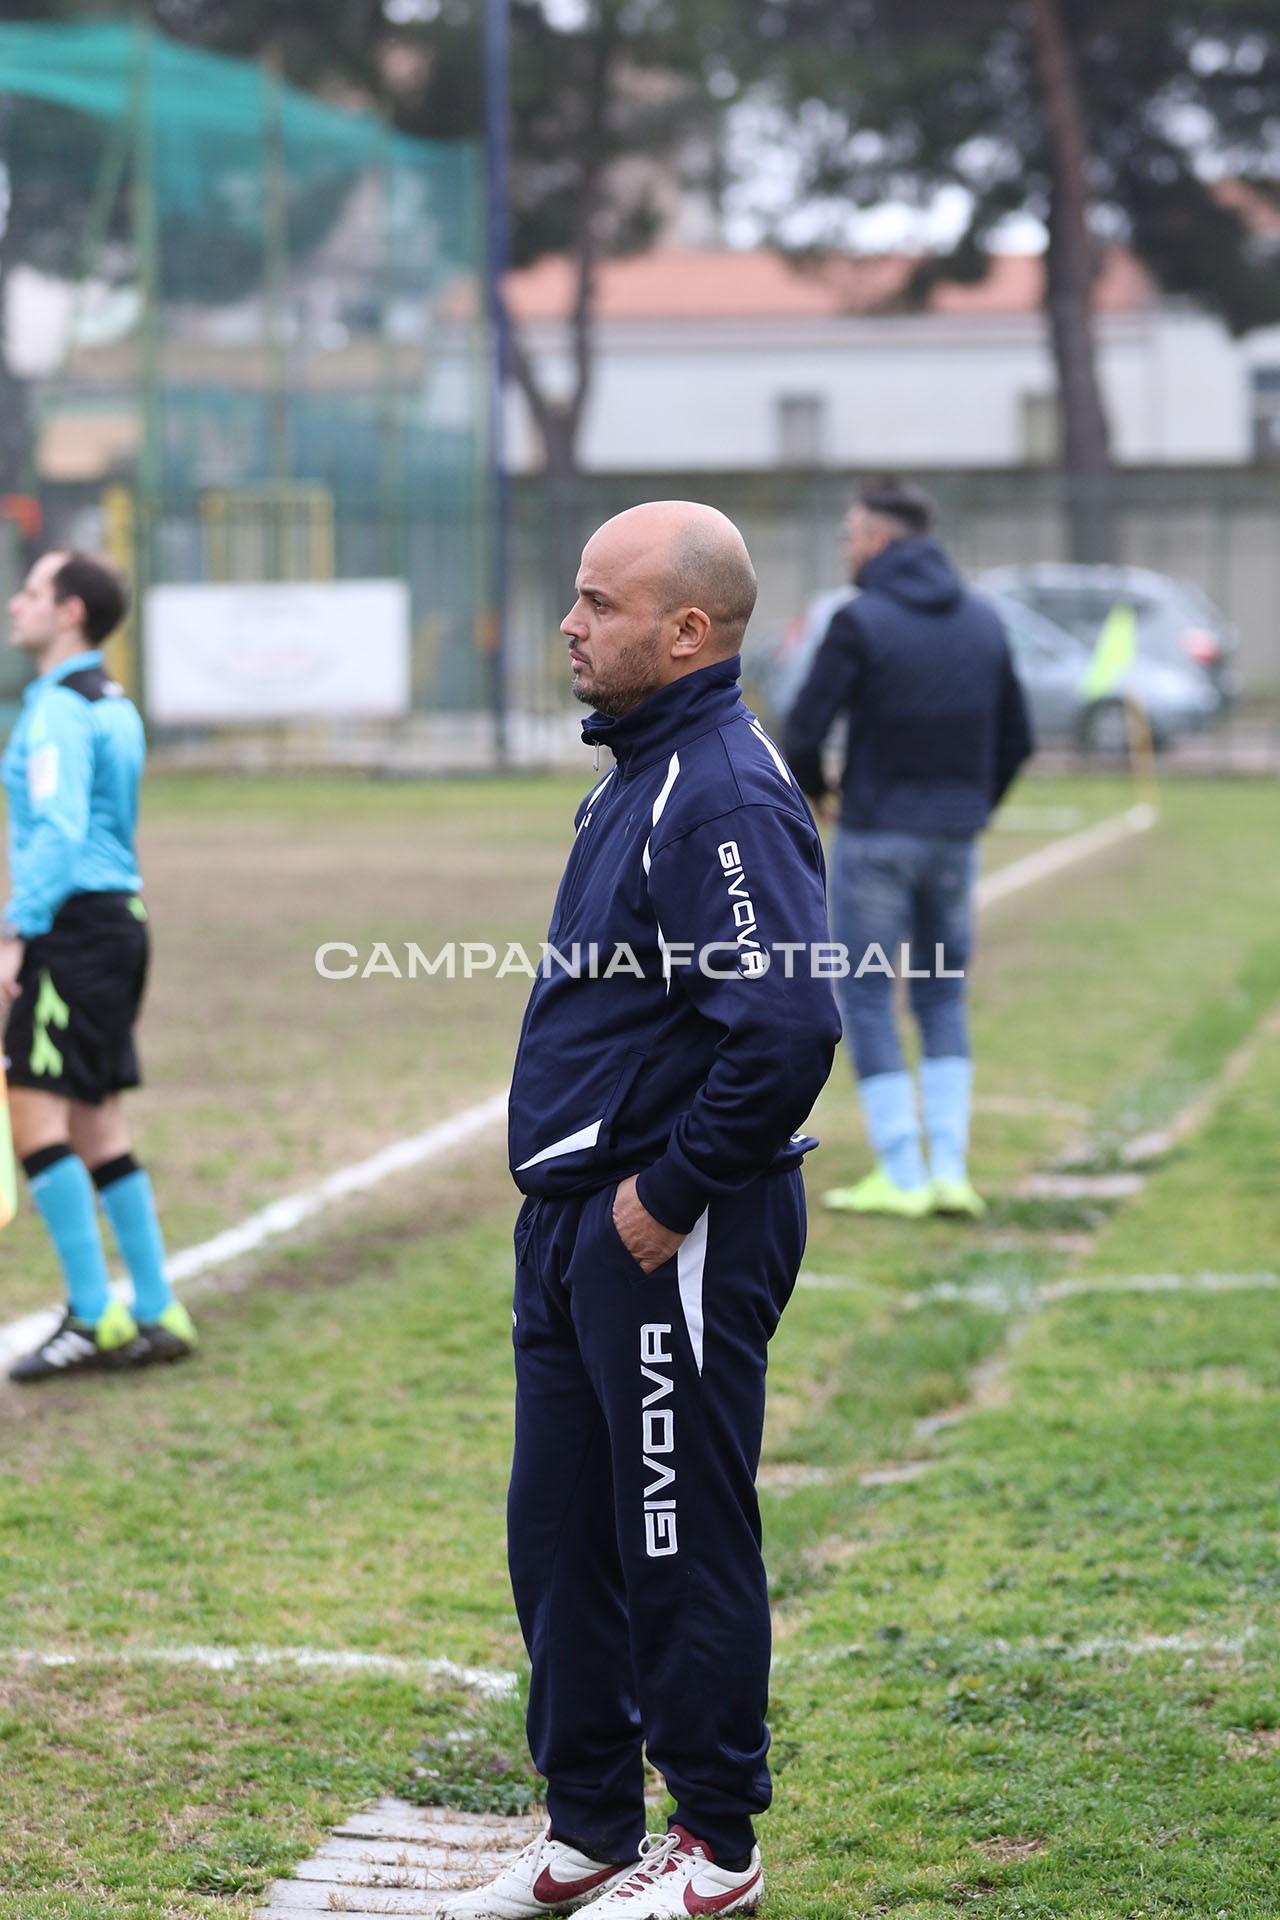 L'Hermes Casagiove interrompe il rapporto di collaborazione con Paolo Di Gaetano